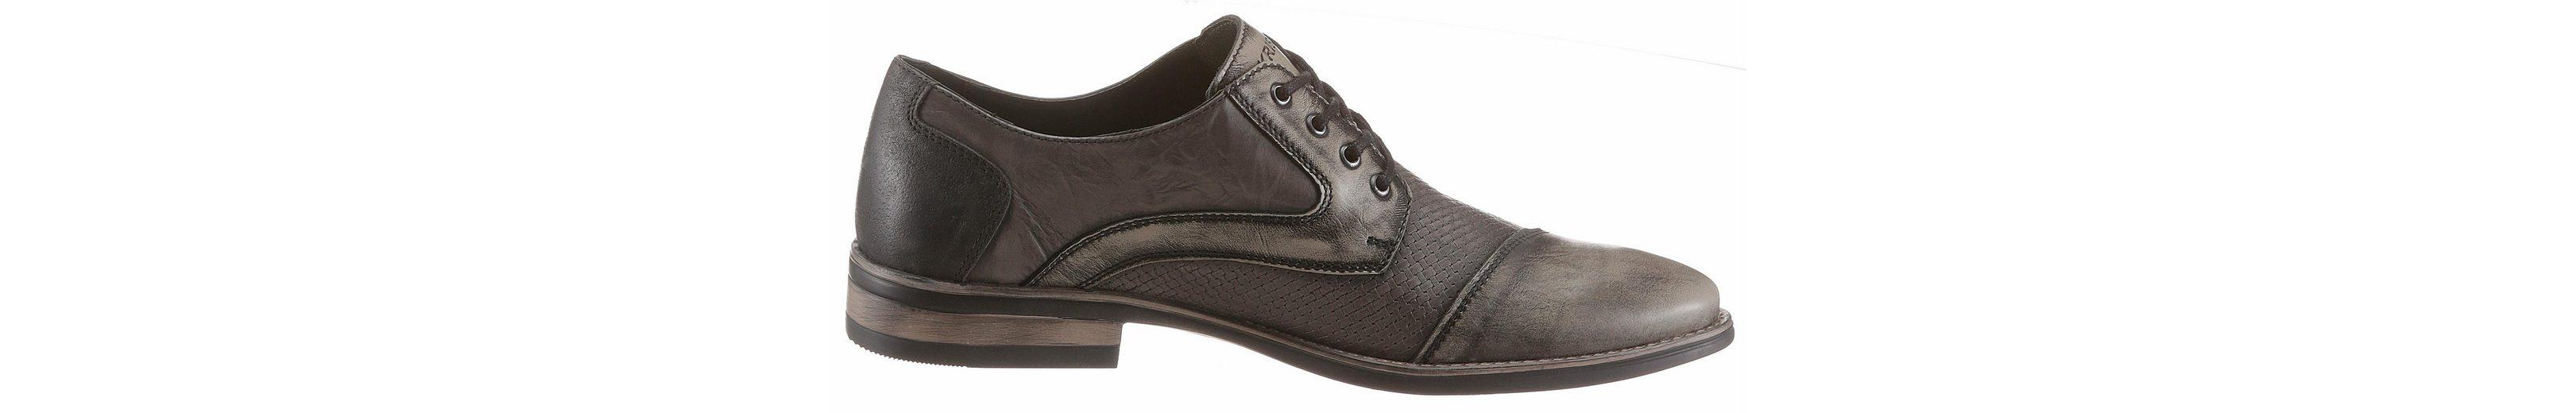 KRISBUT Schnürschuh, mit Nieten und im stylischen Used-Look